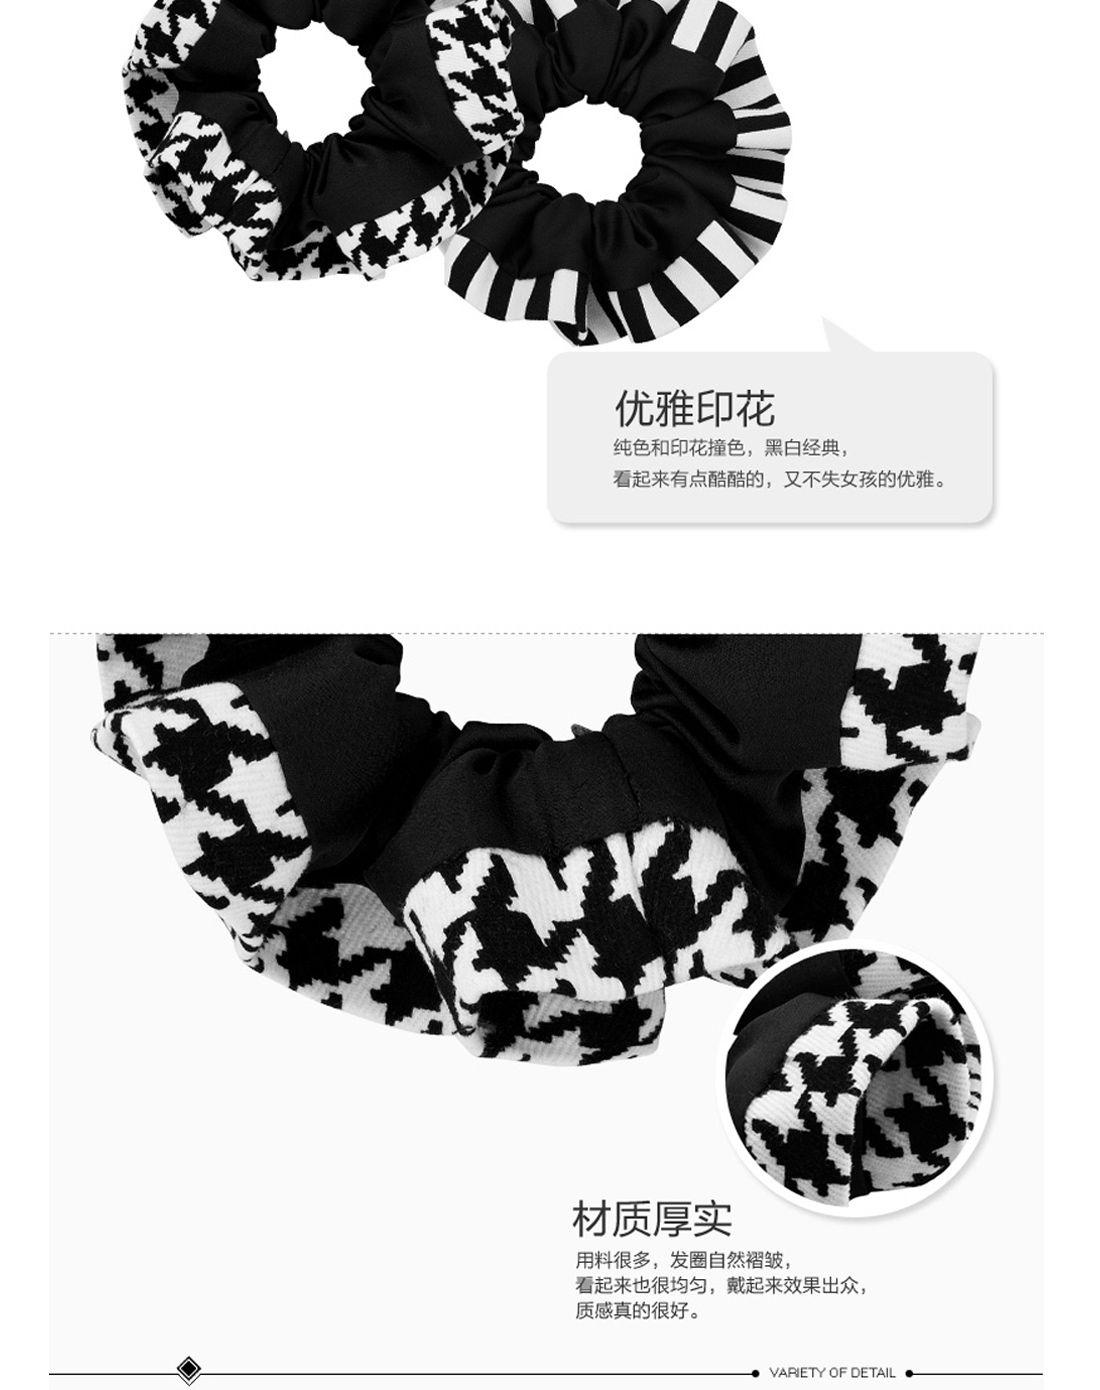 黑白条纹布艺发圈